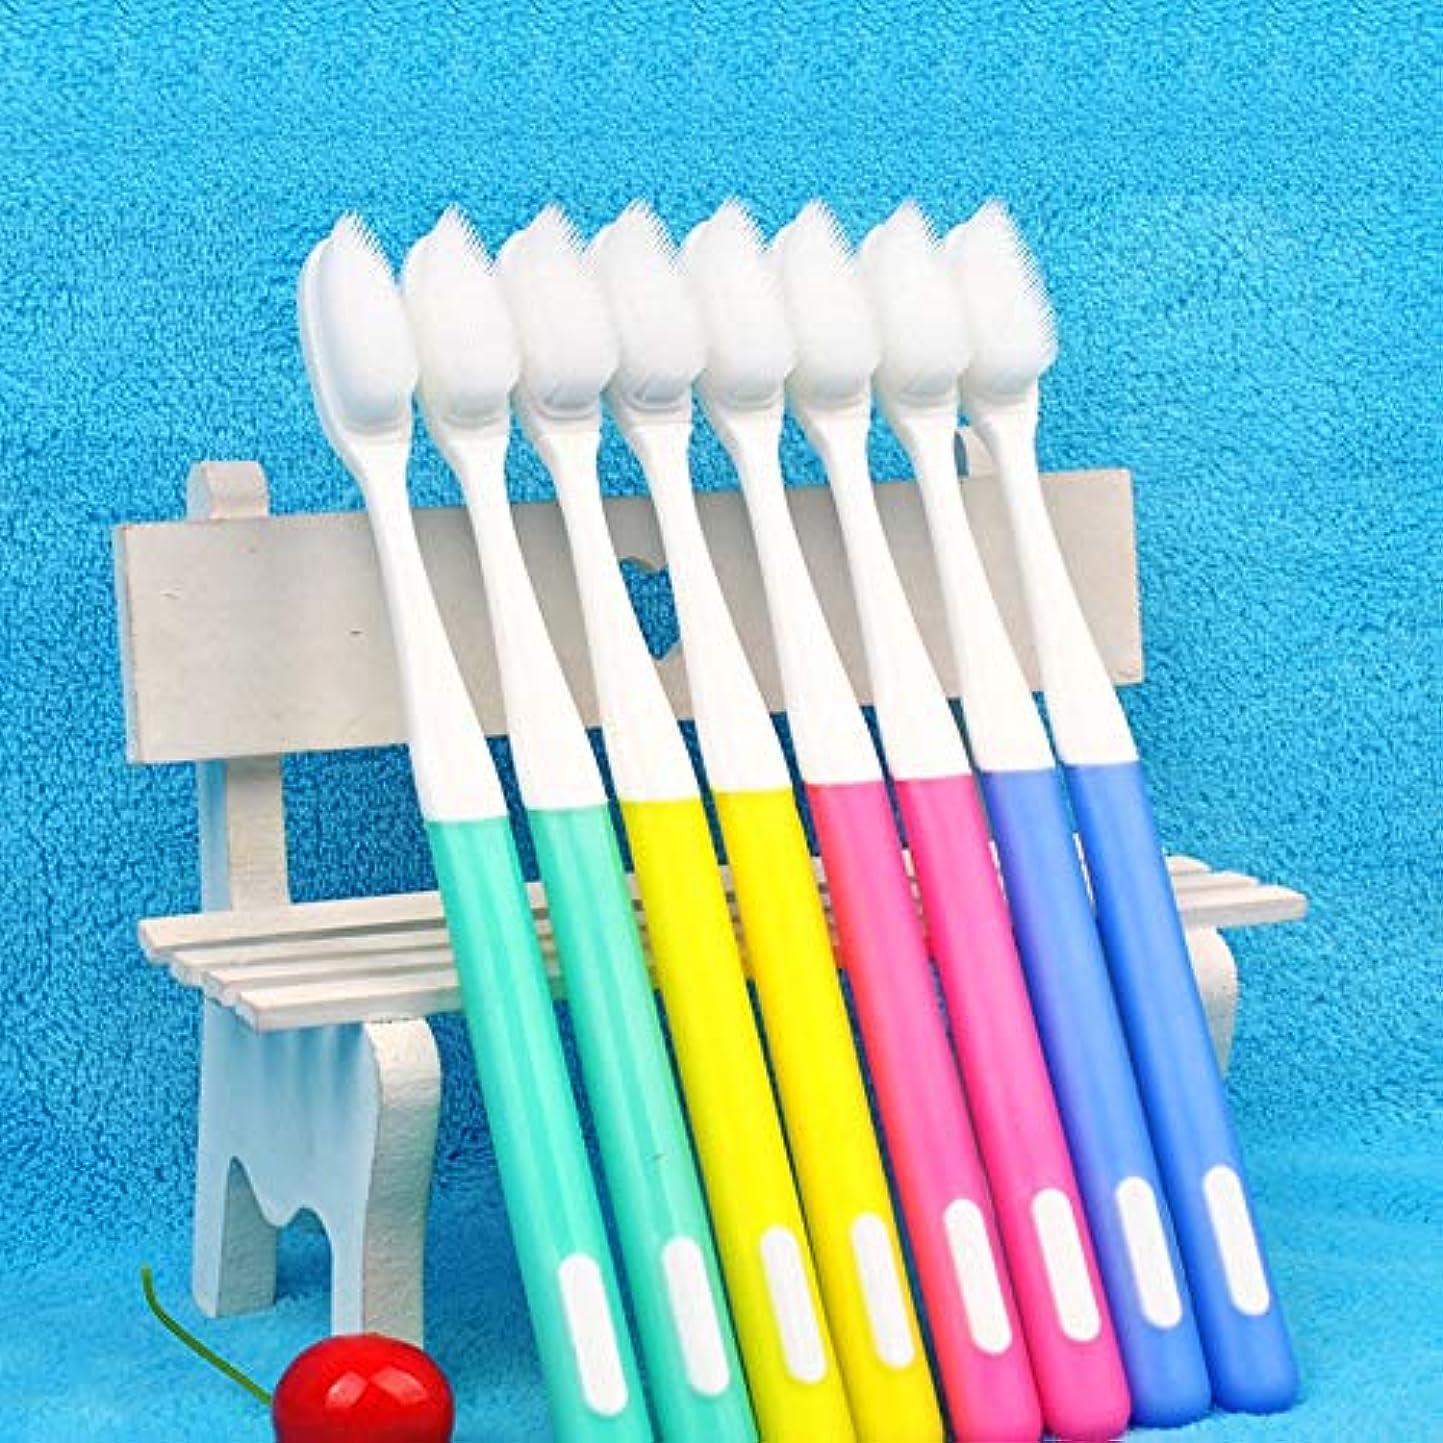 規制する一元化する本会議歯ブラシ 10パック柔らかい歯ブラシ、ナノ大人歯ブラシ、環境にやさしいシリコン歯ブラシを - 利用可能な2つのスタイル KHL (色 : B, サイズ : 10 packs)